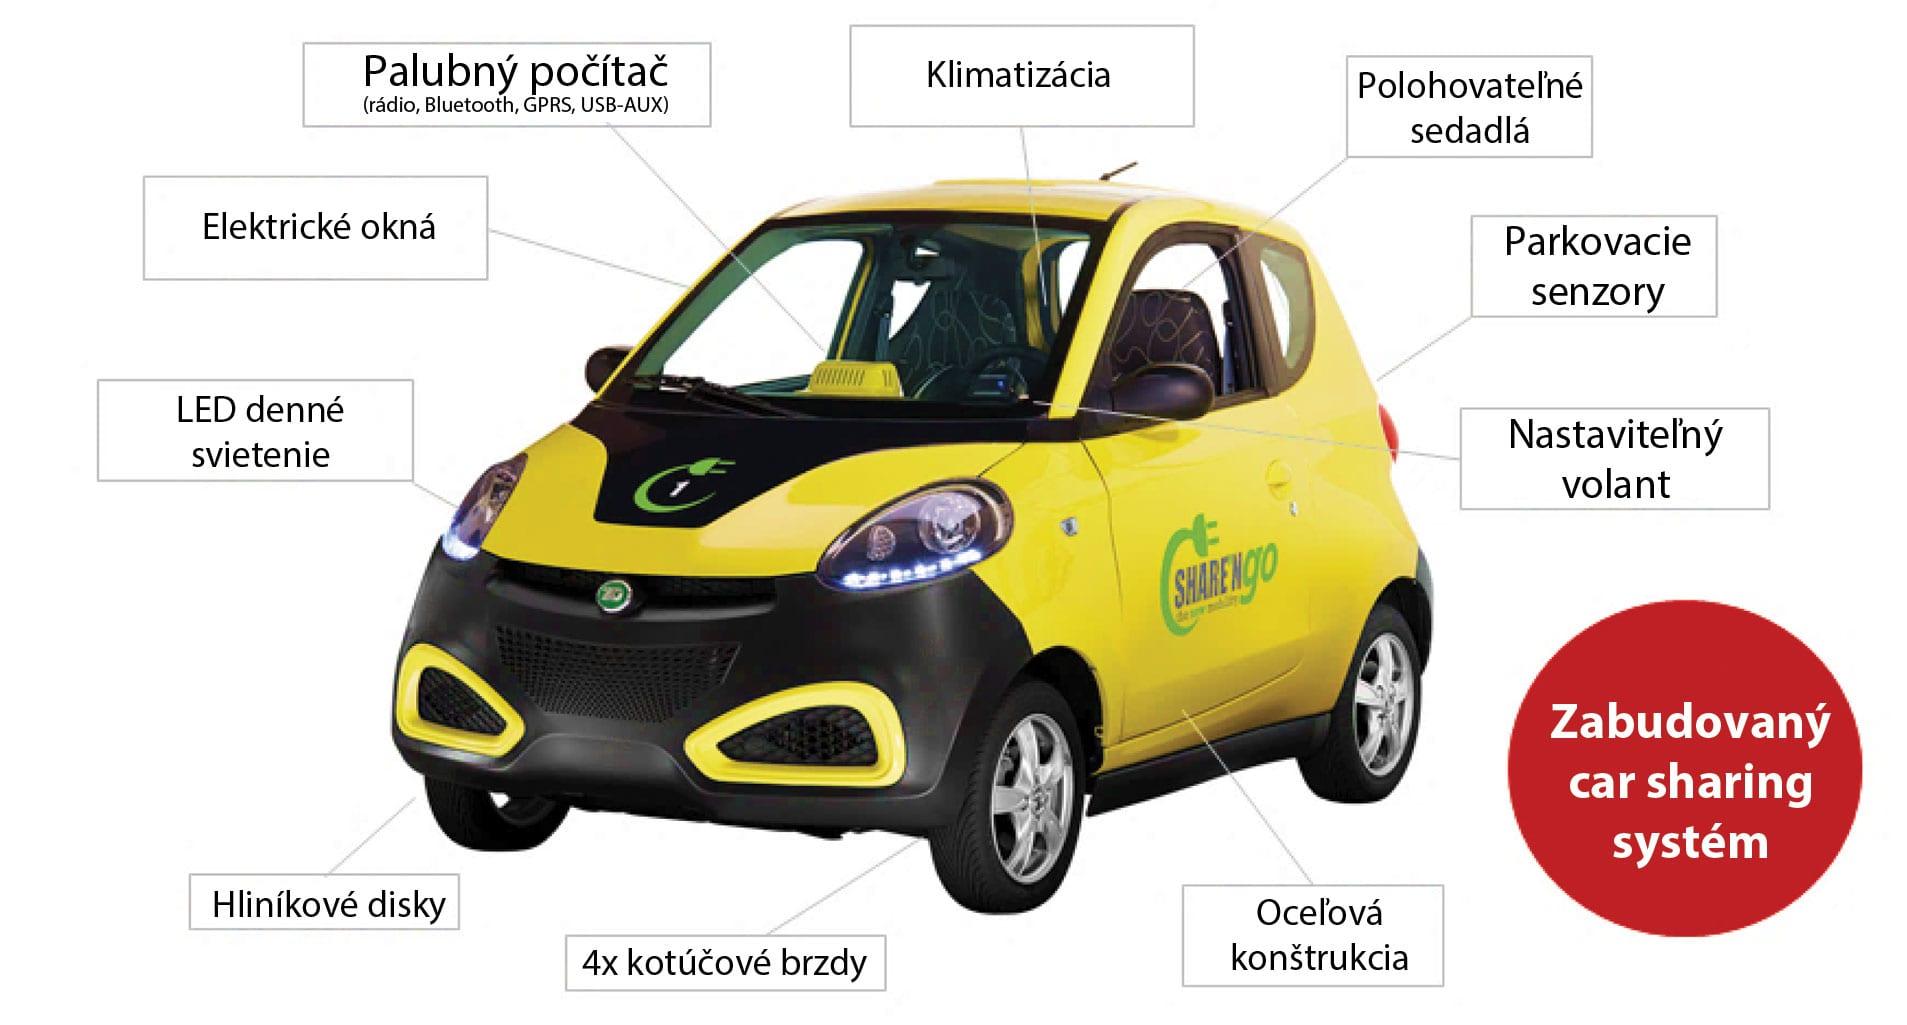 Prvý elektronický carsharing na Slovensku spustia v Košiciach